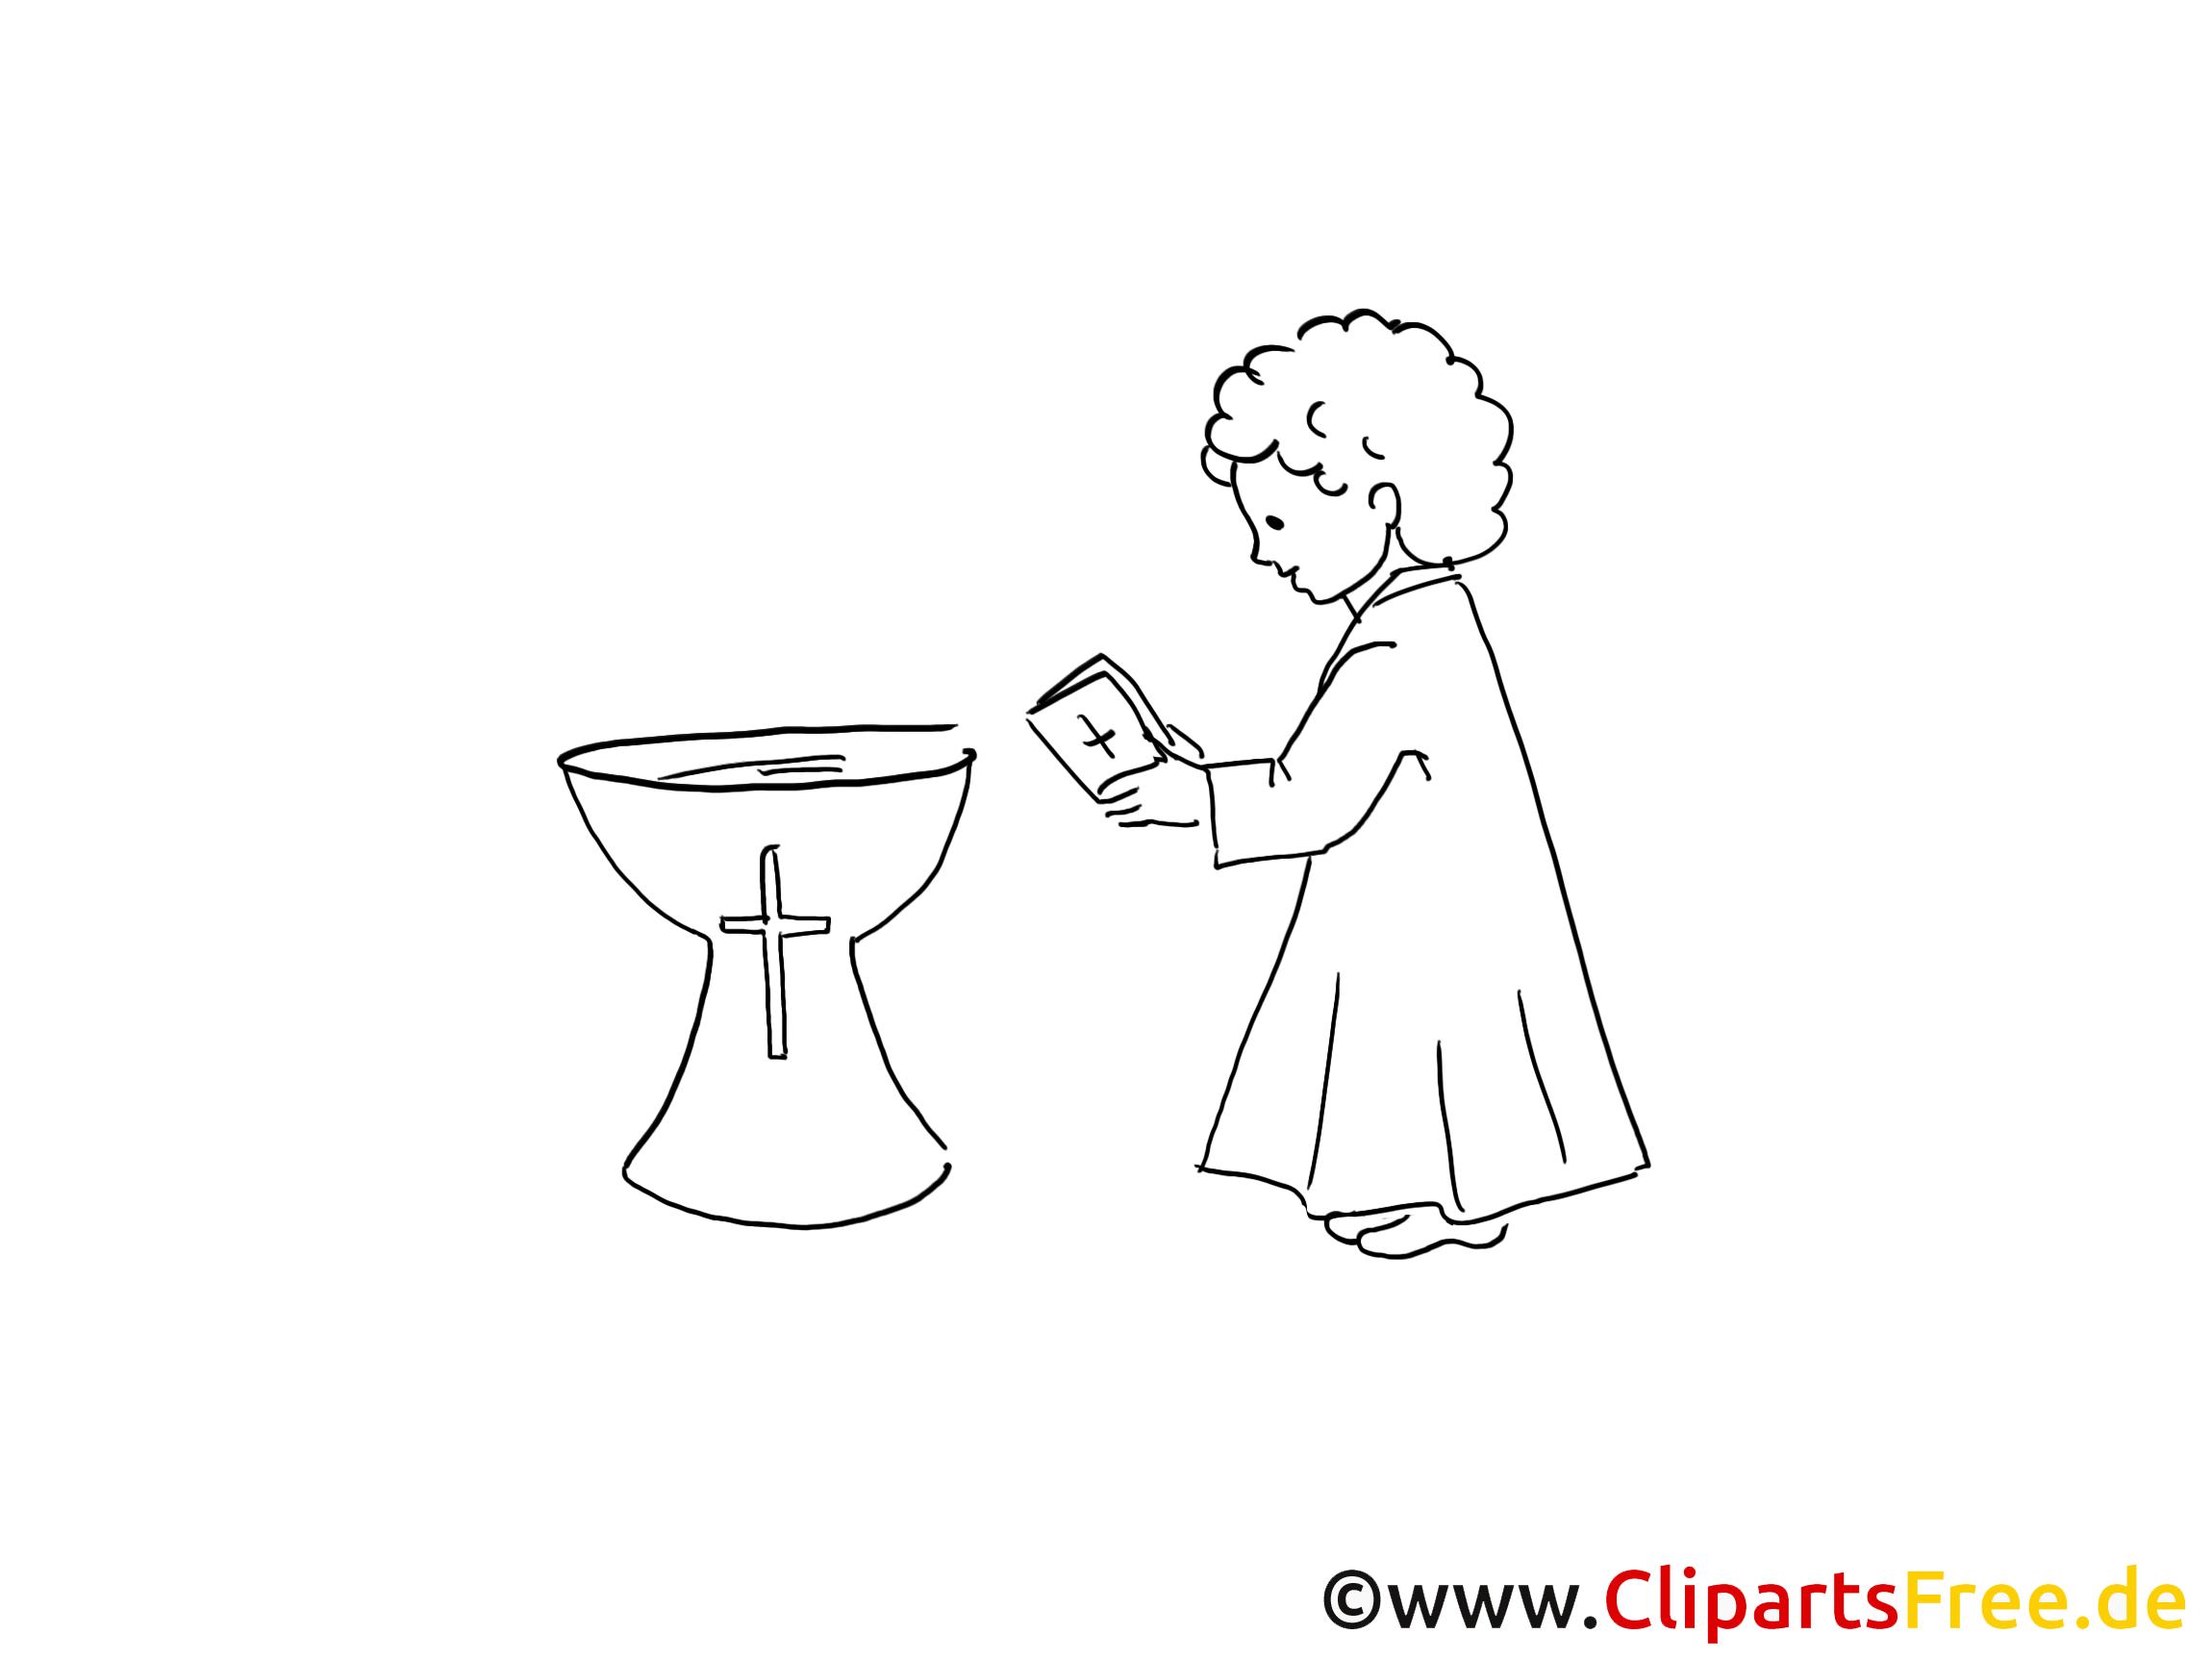 Malvorlagen Für Kinder: Taufe Ausmalbild Für Kinder Kostenlos Ausdrucken